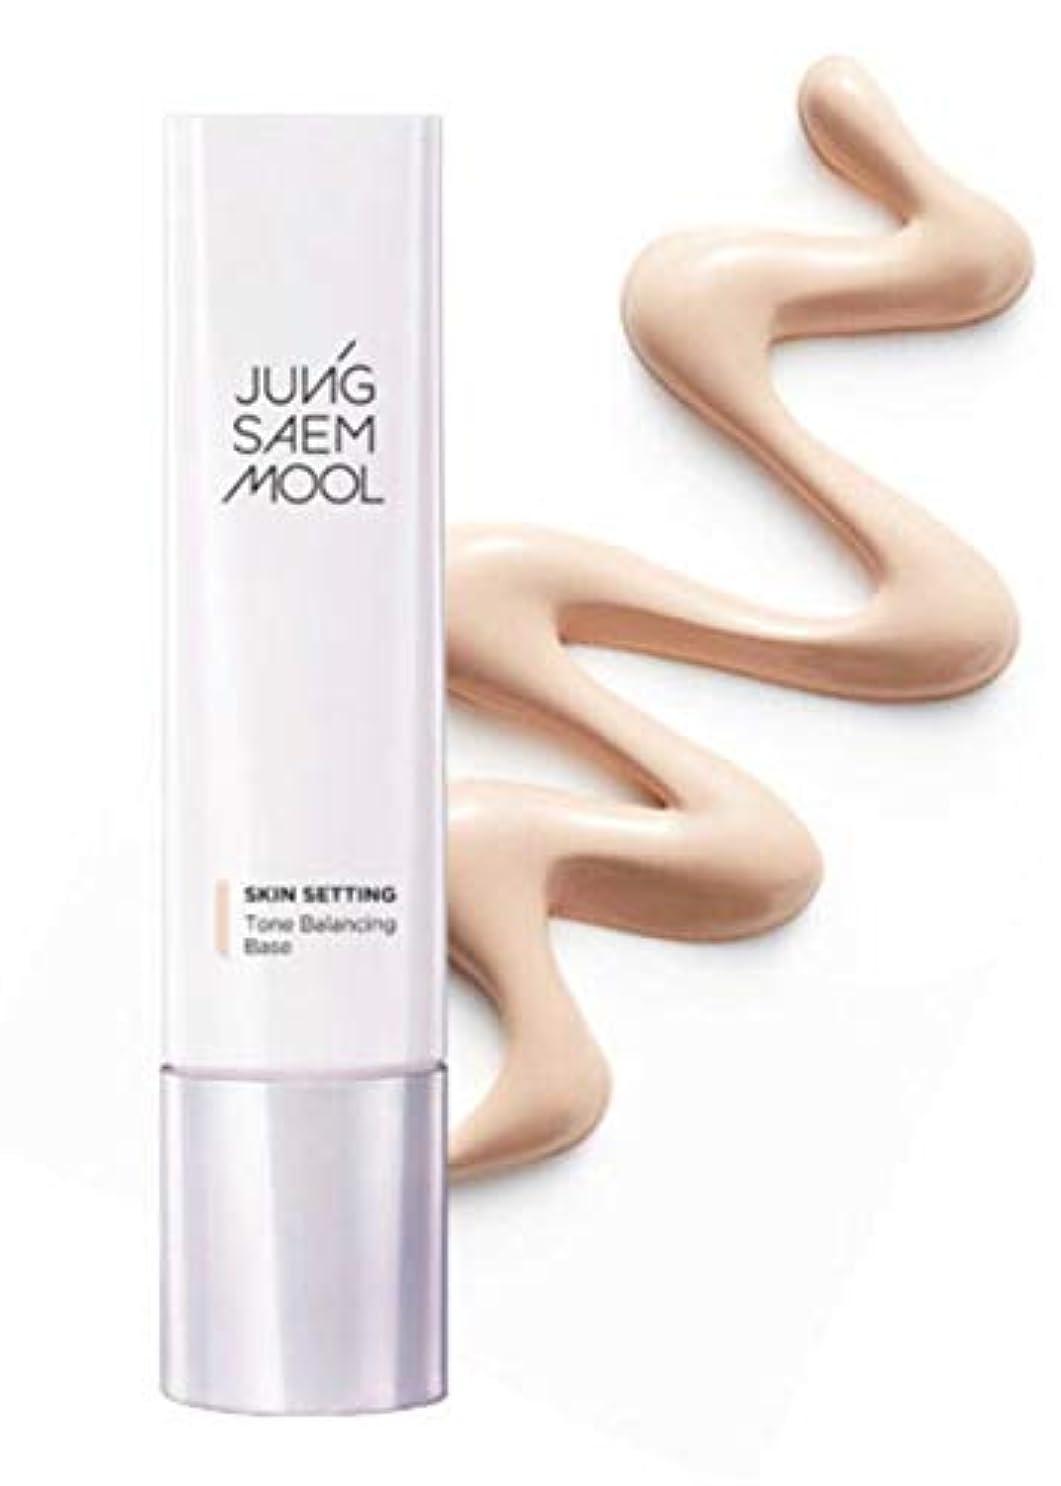 慈悲深い寄託魚[JUNG SAEM MOOL] Skin Setting Tone Balancing Base 40ml / ジョンセンムル スキン セッティング トーン バランシング ベース [並行輸入品]